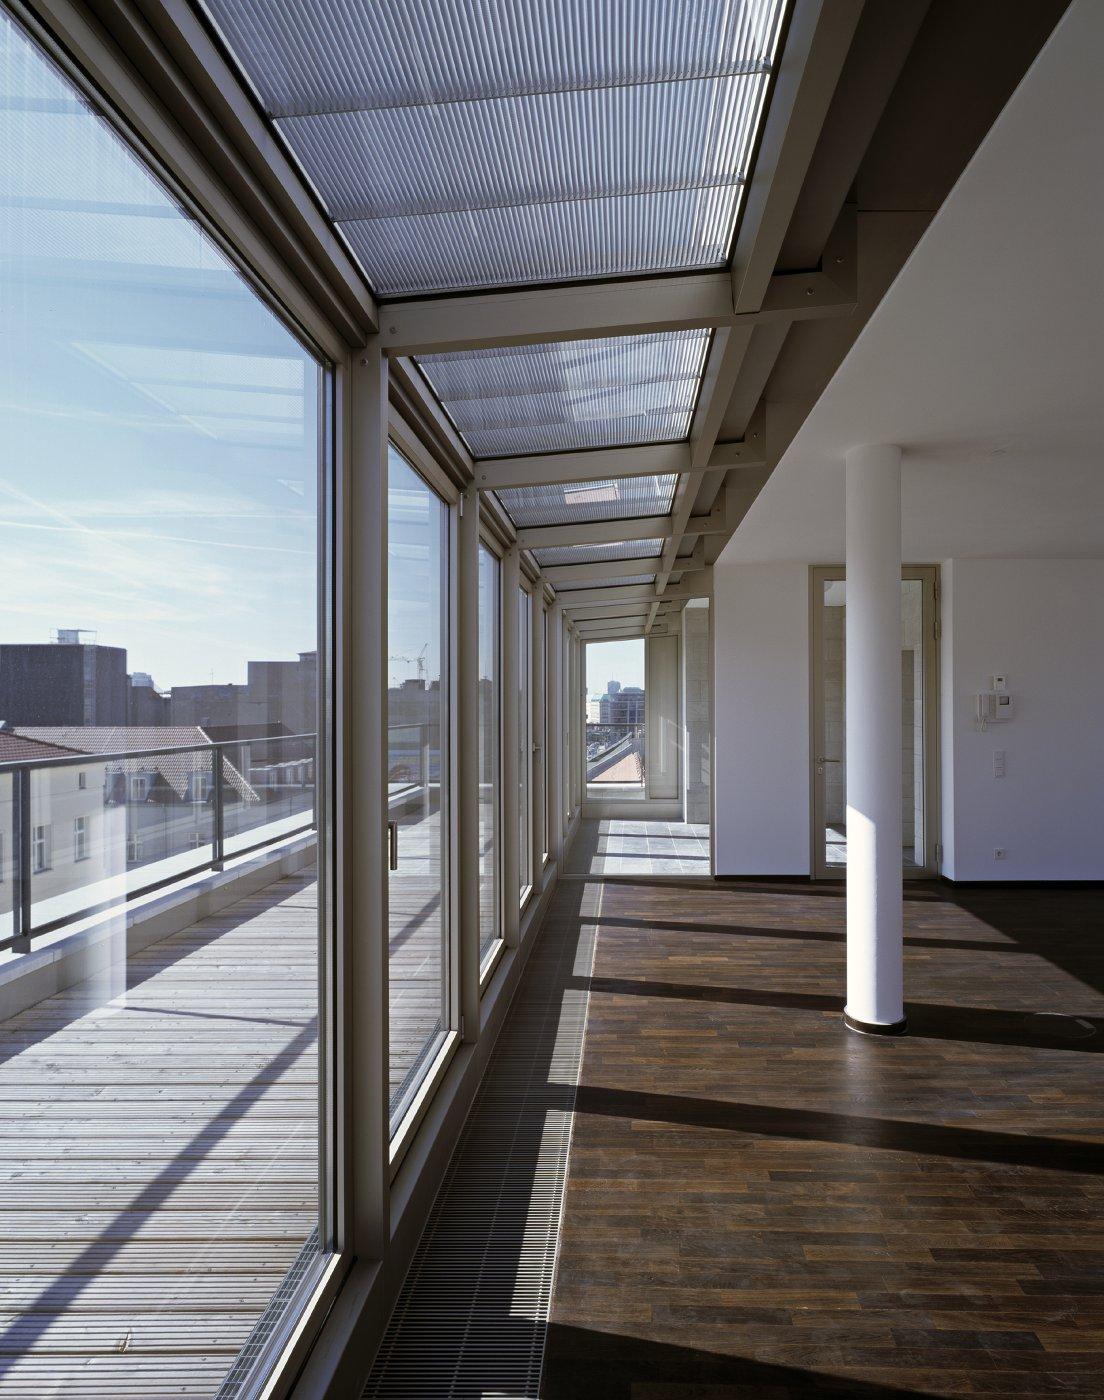 Dachwohnung (© C. Gahl)